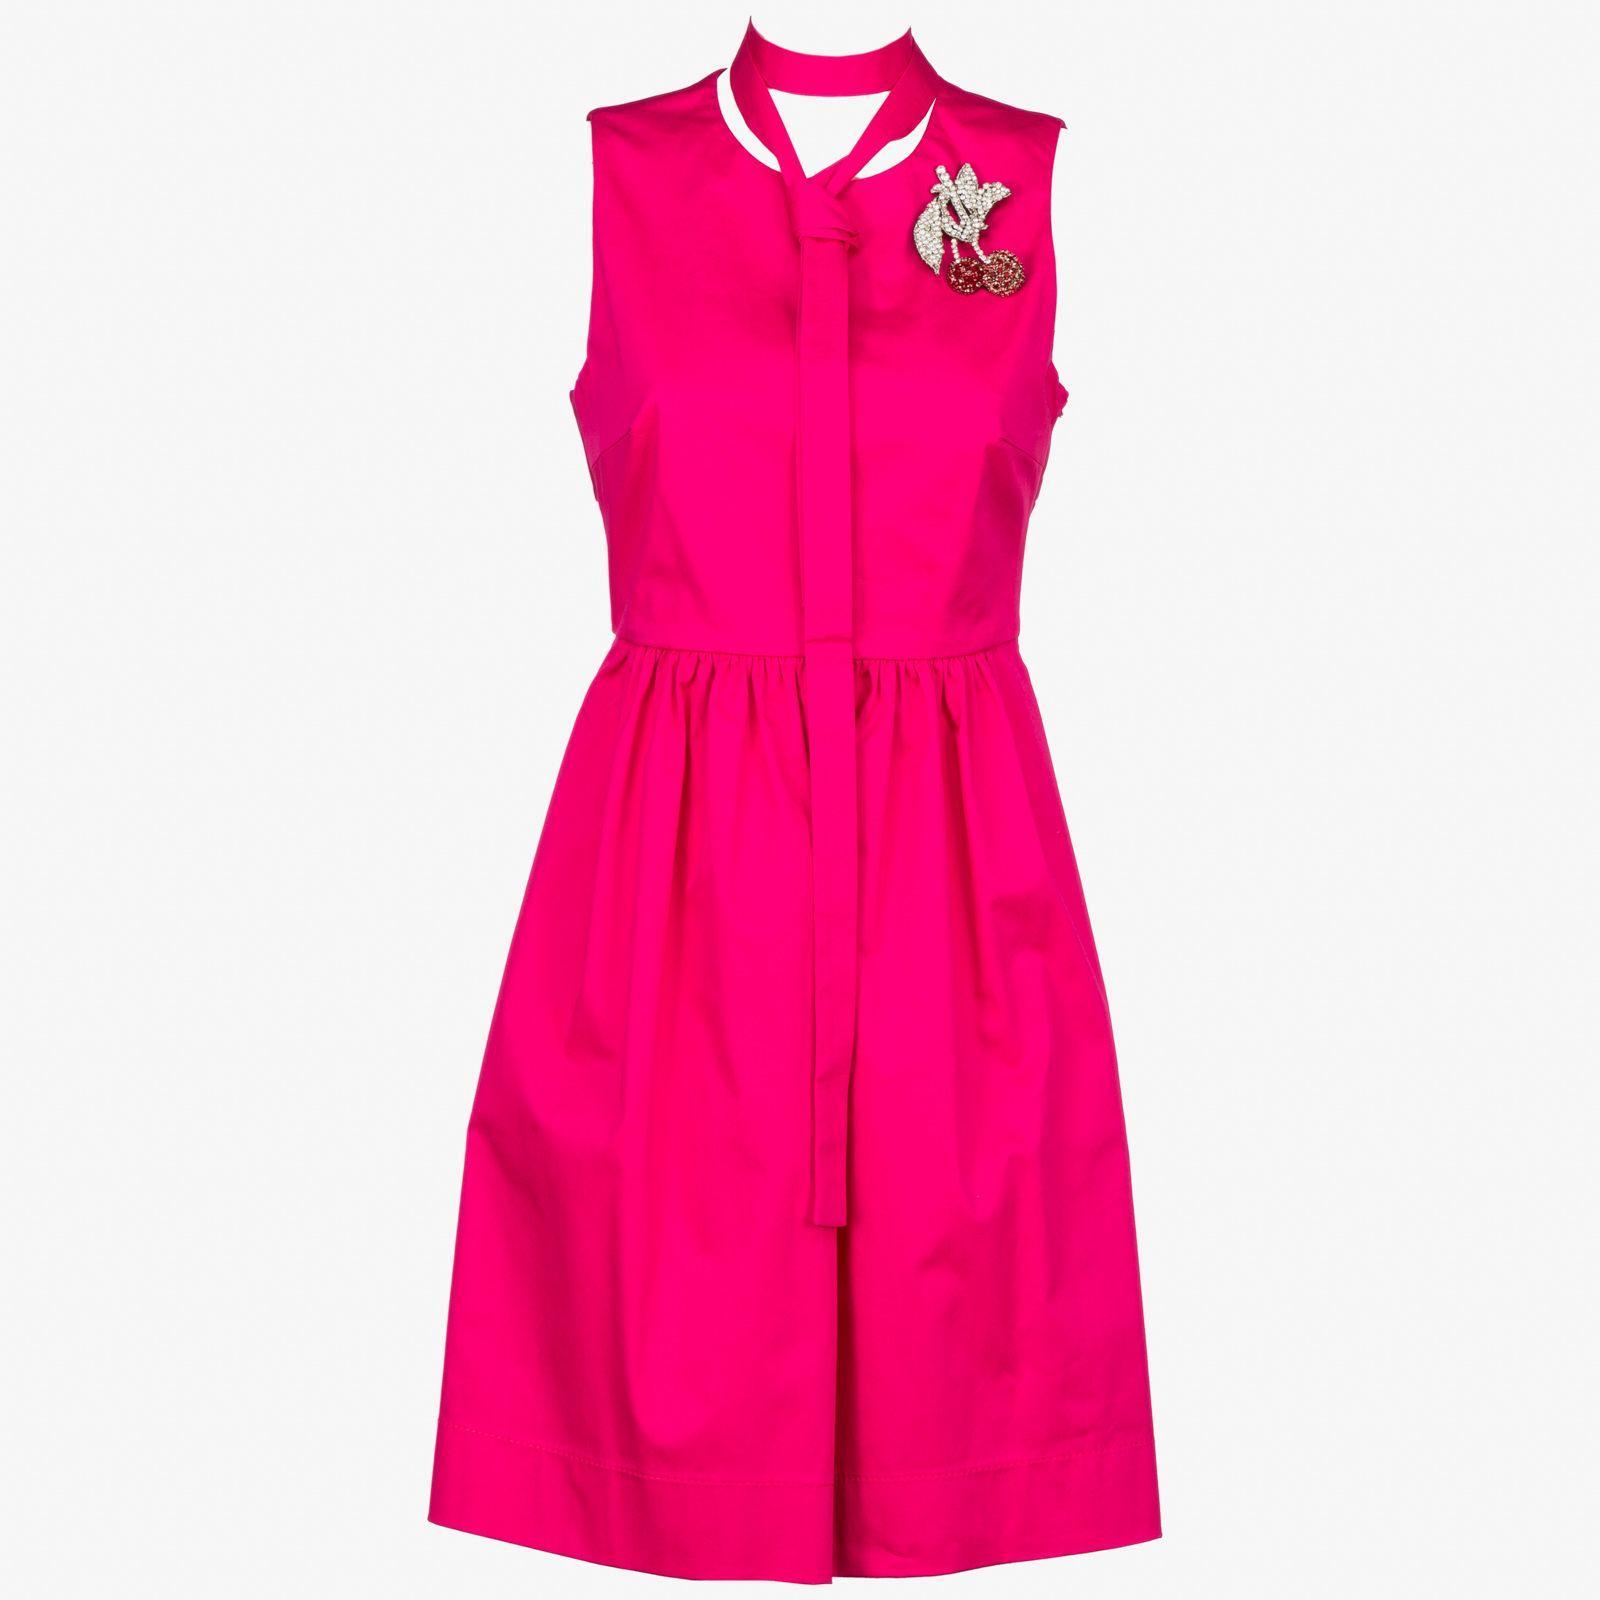 N°21 N°21 Cherries Dress In Fuxia